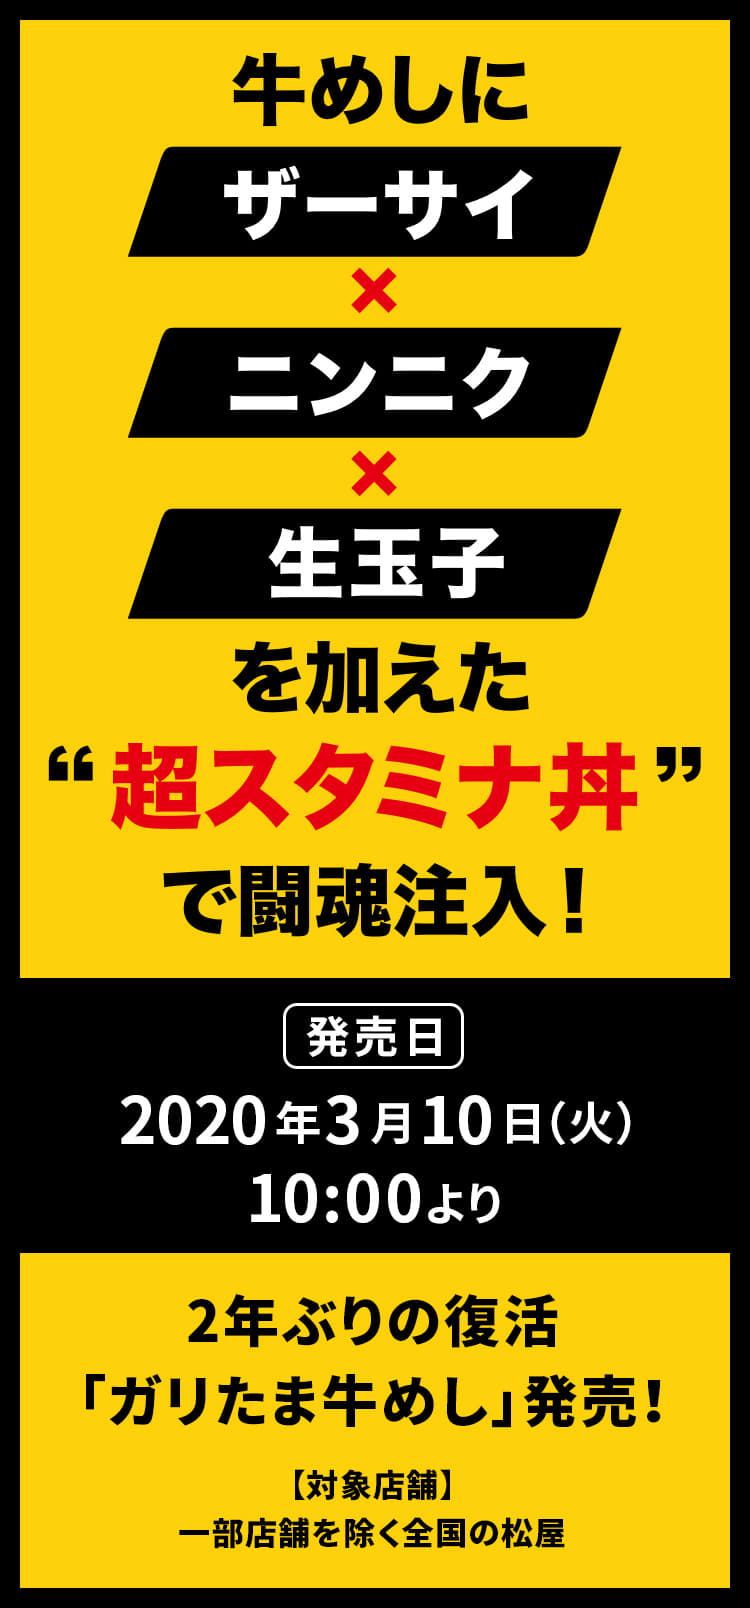 牛めしに、ザーサイとニンニクと生玉子を加えた超スタミナ丼で闘魂注入!2020年3月10日(火)午前10時より、2年ぶりの復活「ガリ玉牛めし」発売!